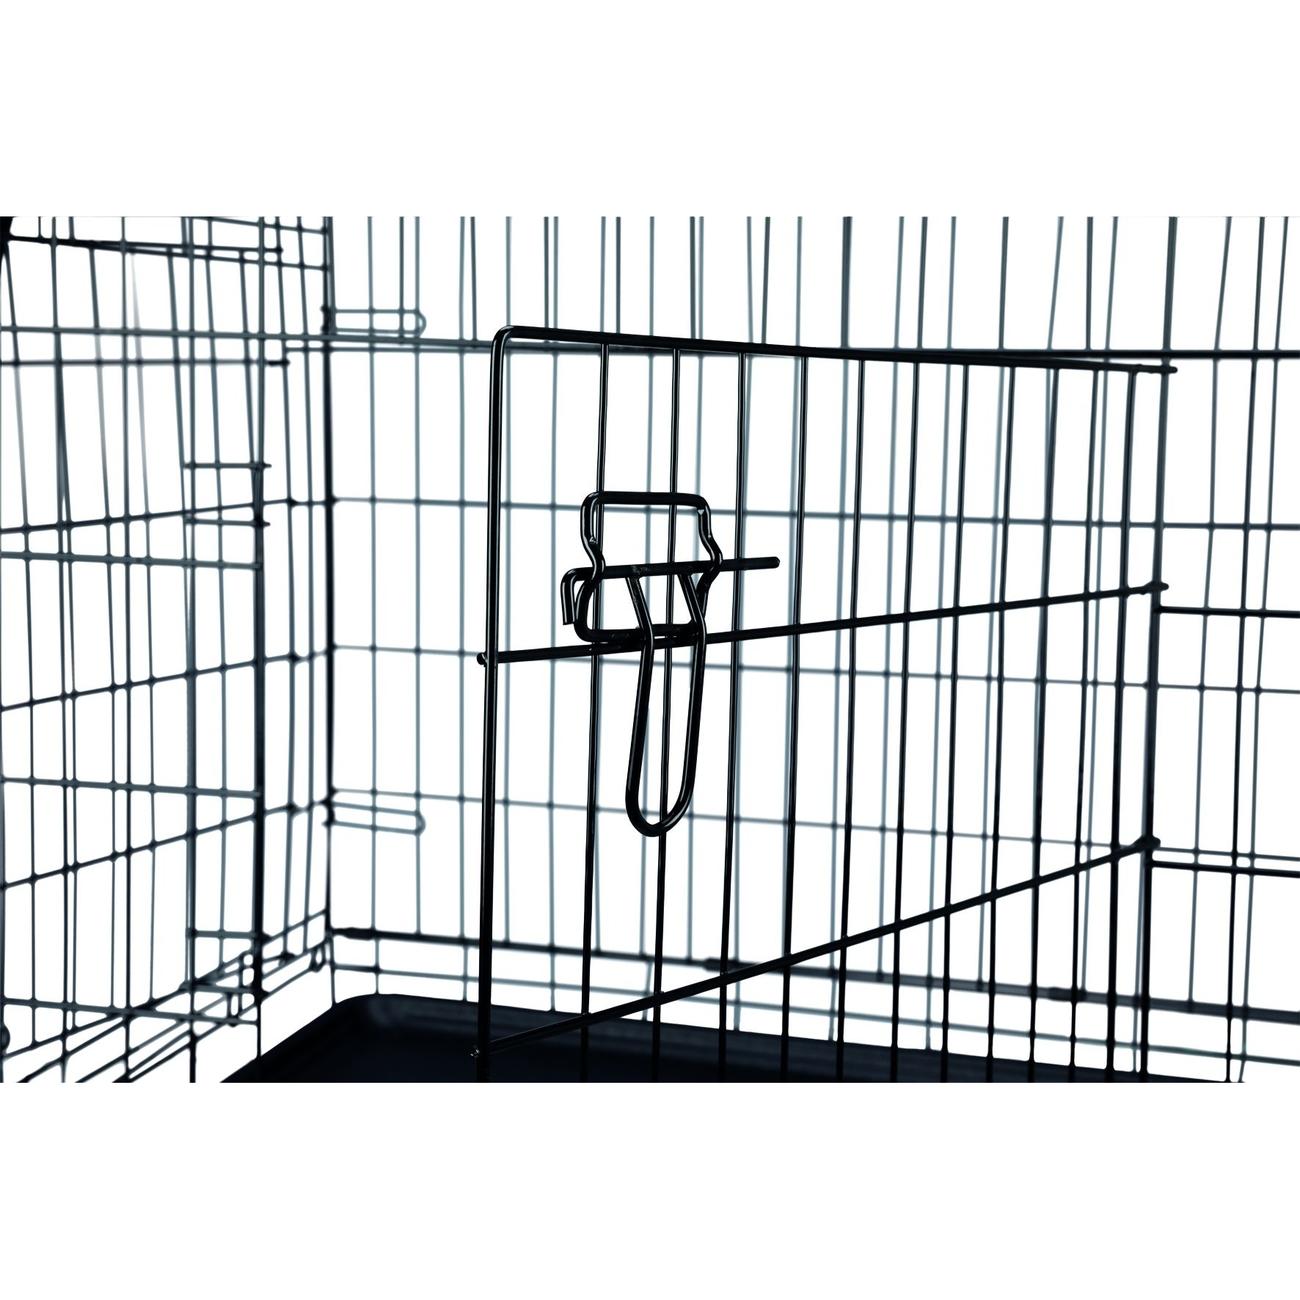 Trixie Transportkäfig schwarz für Hunde, verzinkt 993922, Bild 2